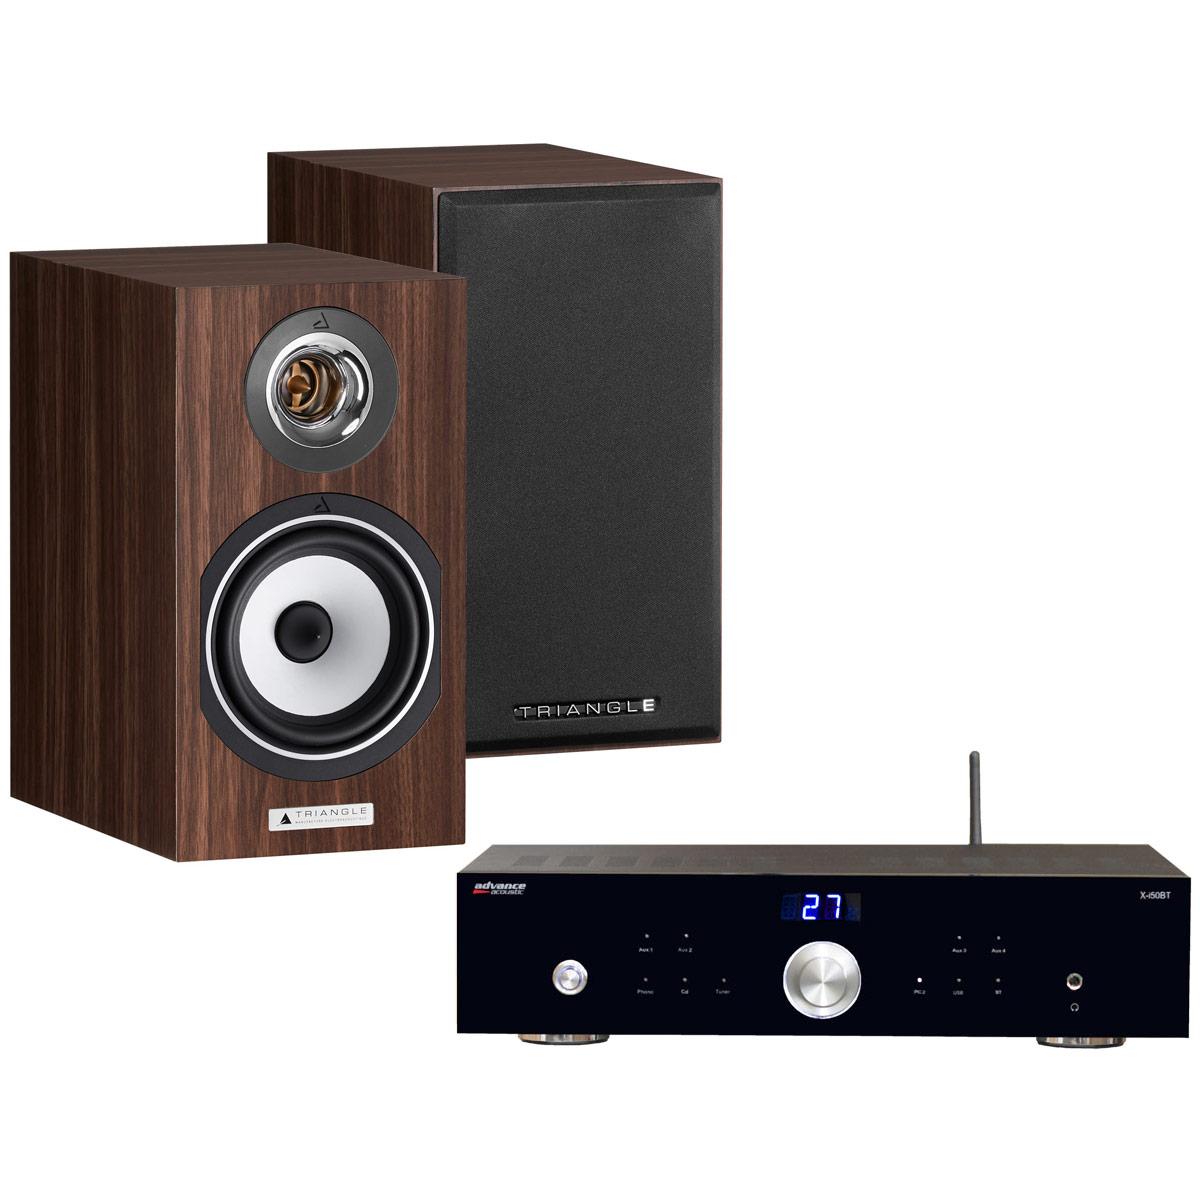 Ensemble Hifi Advance Acoustic X-i50BT + Triangle Titus Ez Noyer Amplificateur intégré 2 x 50 Watts avec DAC USB et Bluetooth + Enceinte bibliothèque compacte 60 W Bass-Reflex (par paire)